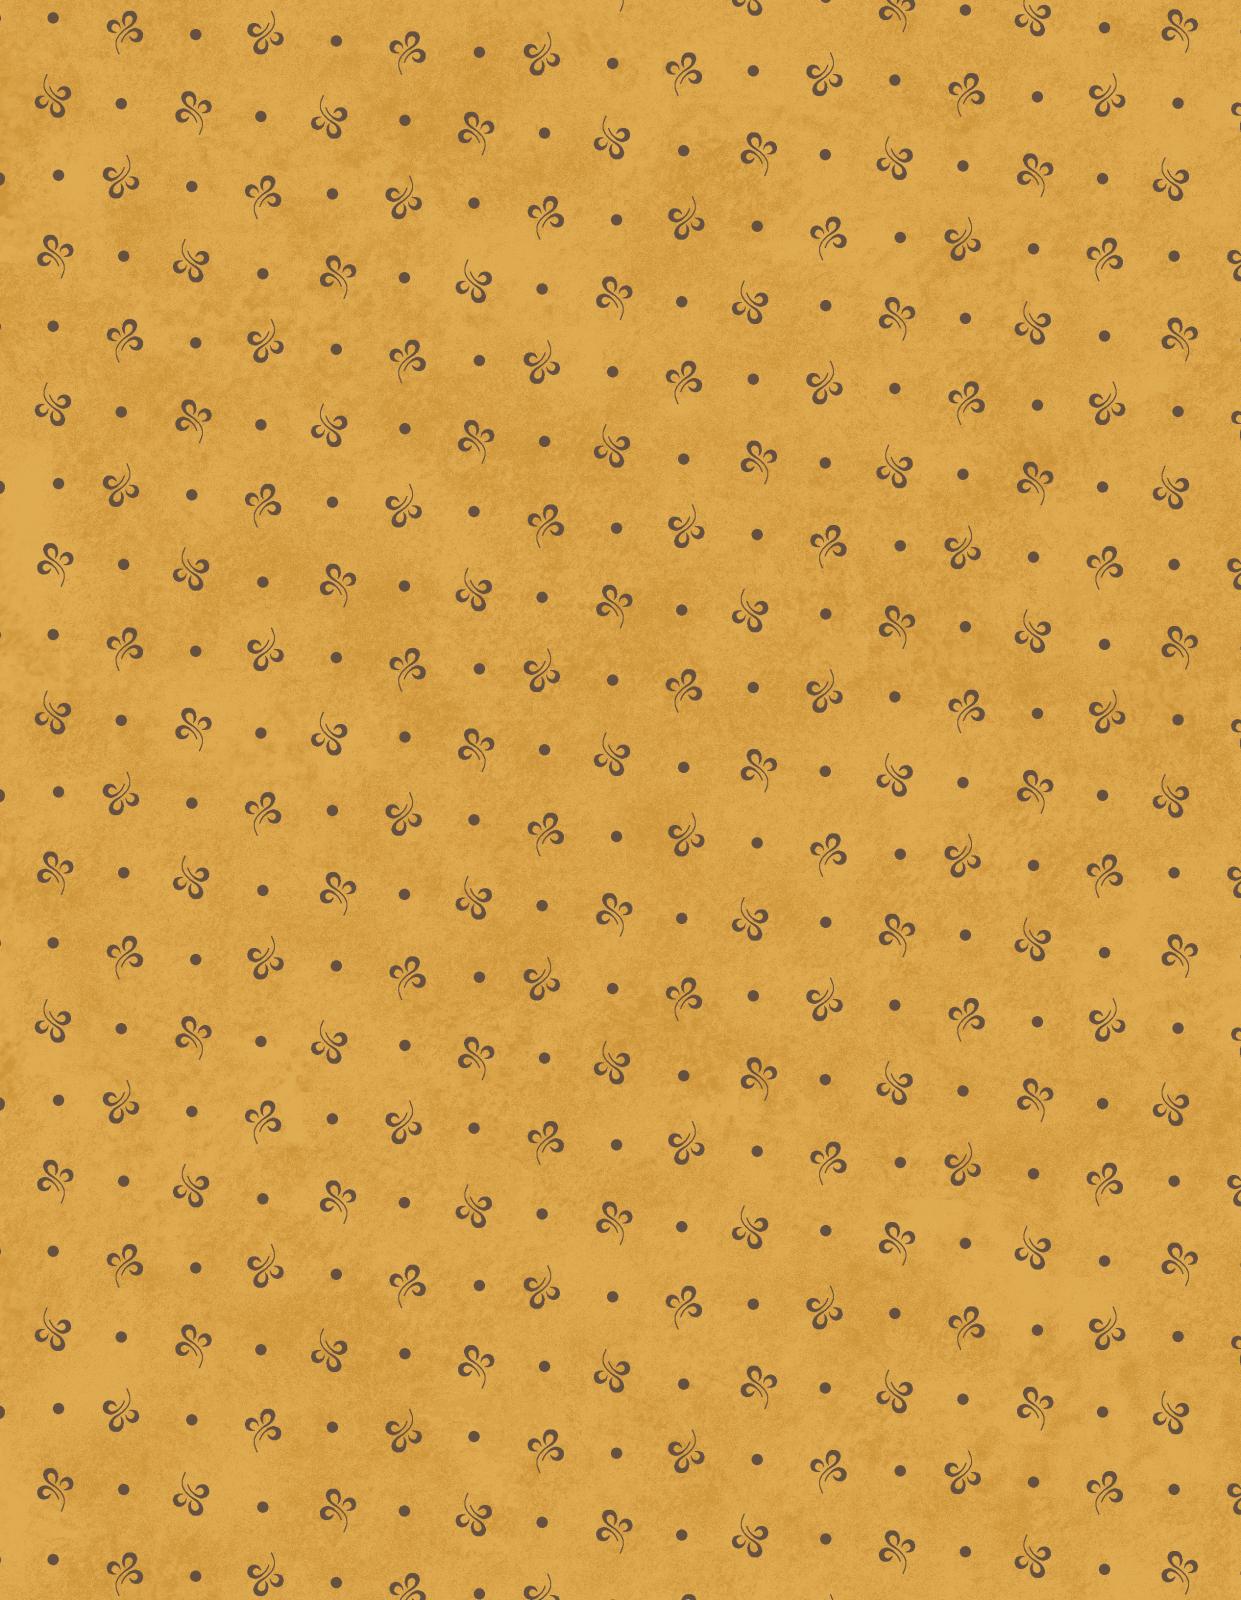 Garden Getaway Fabric 16 (0906 0133)